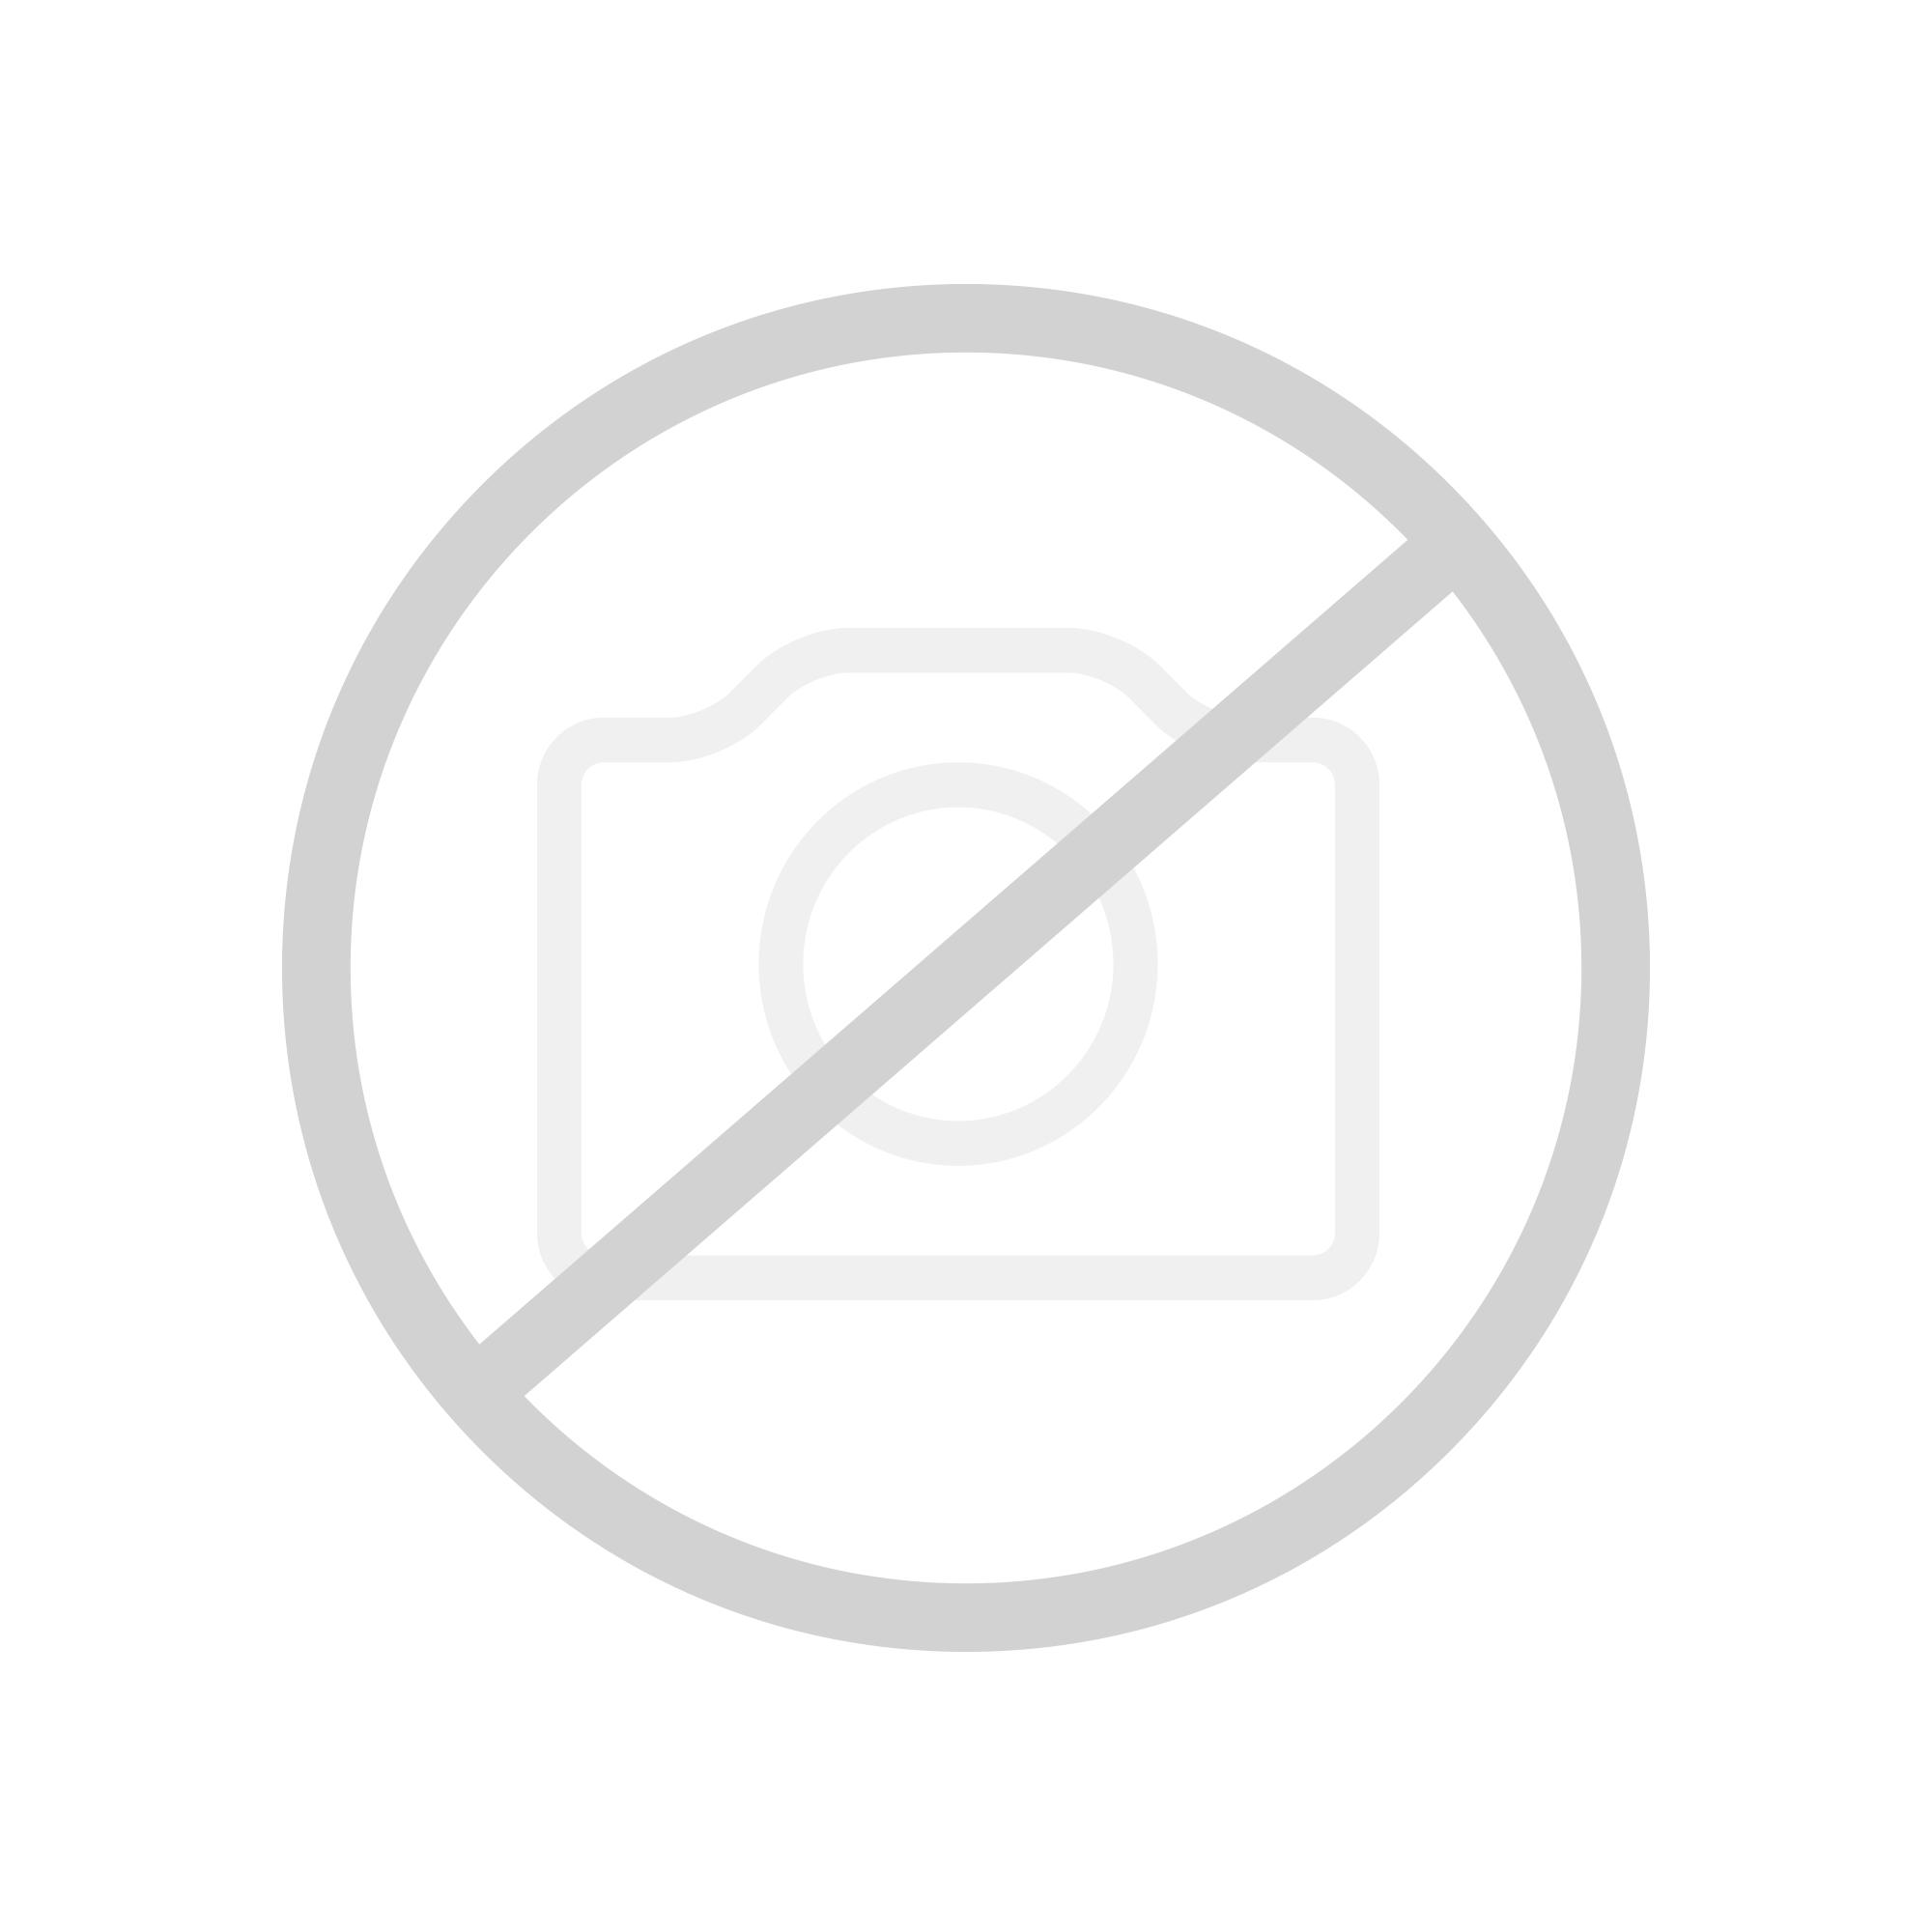 HSK ASP 300 LED Alu Spiegelschrank   1142075 | Reuter Onlineshop